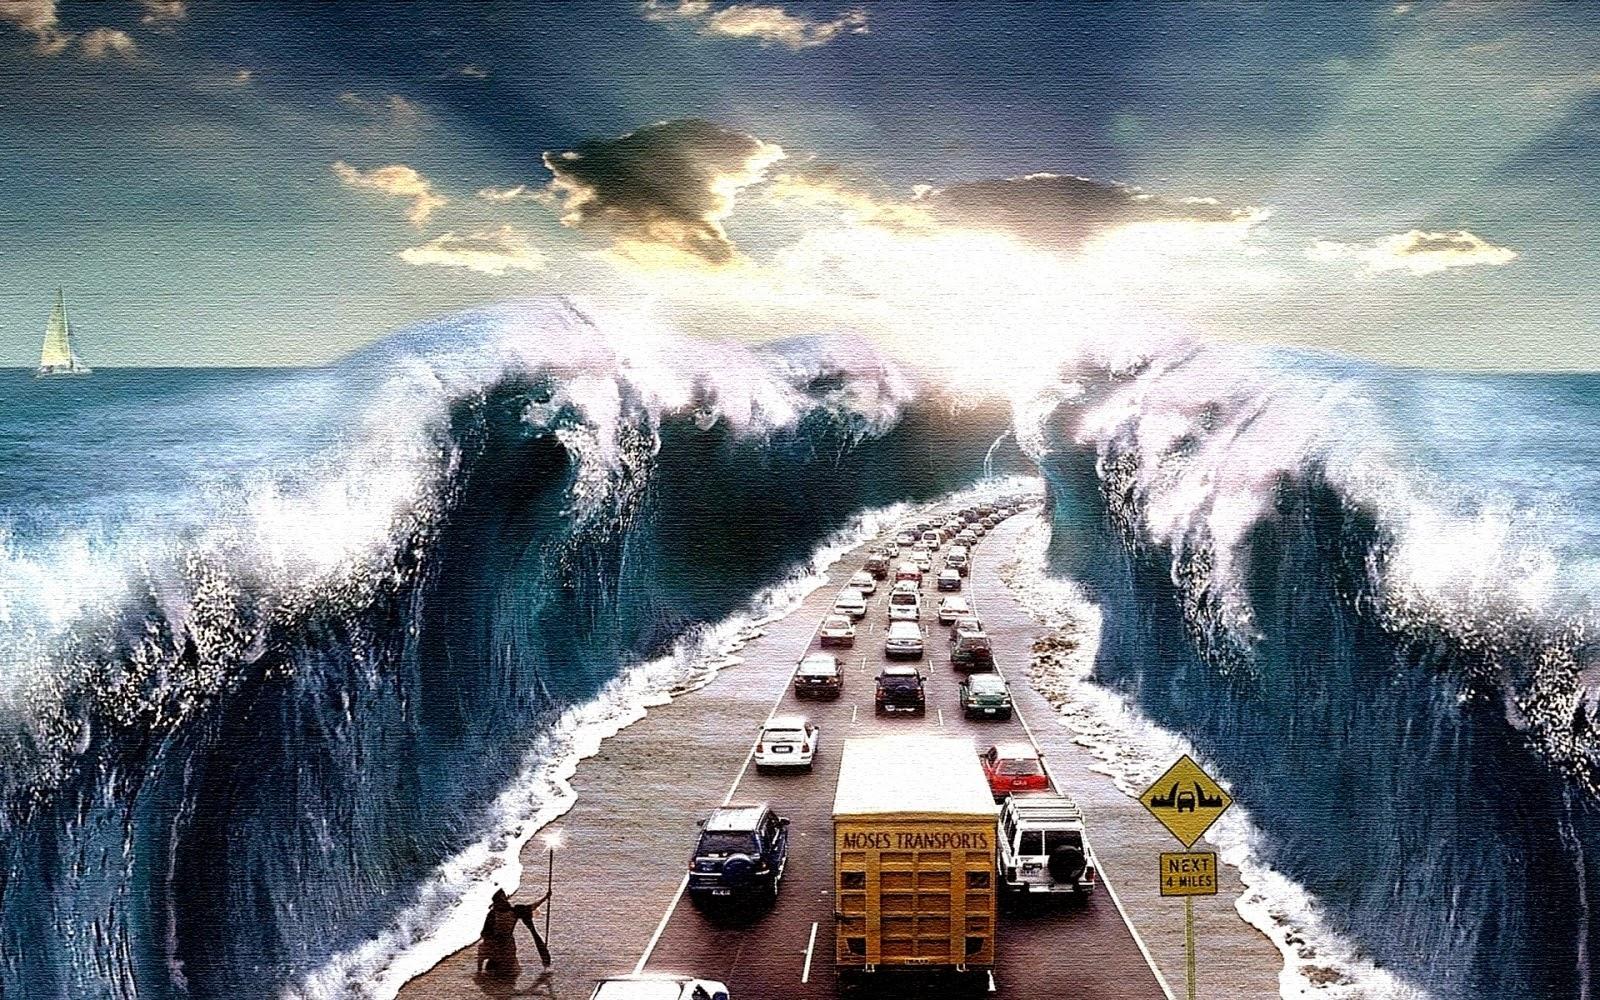 Lei de Amara - Tsunami Bitcoin